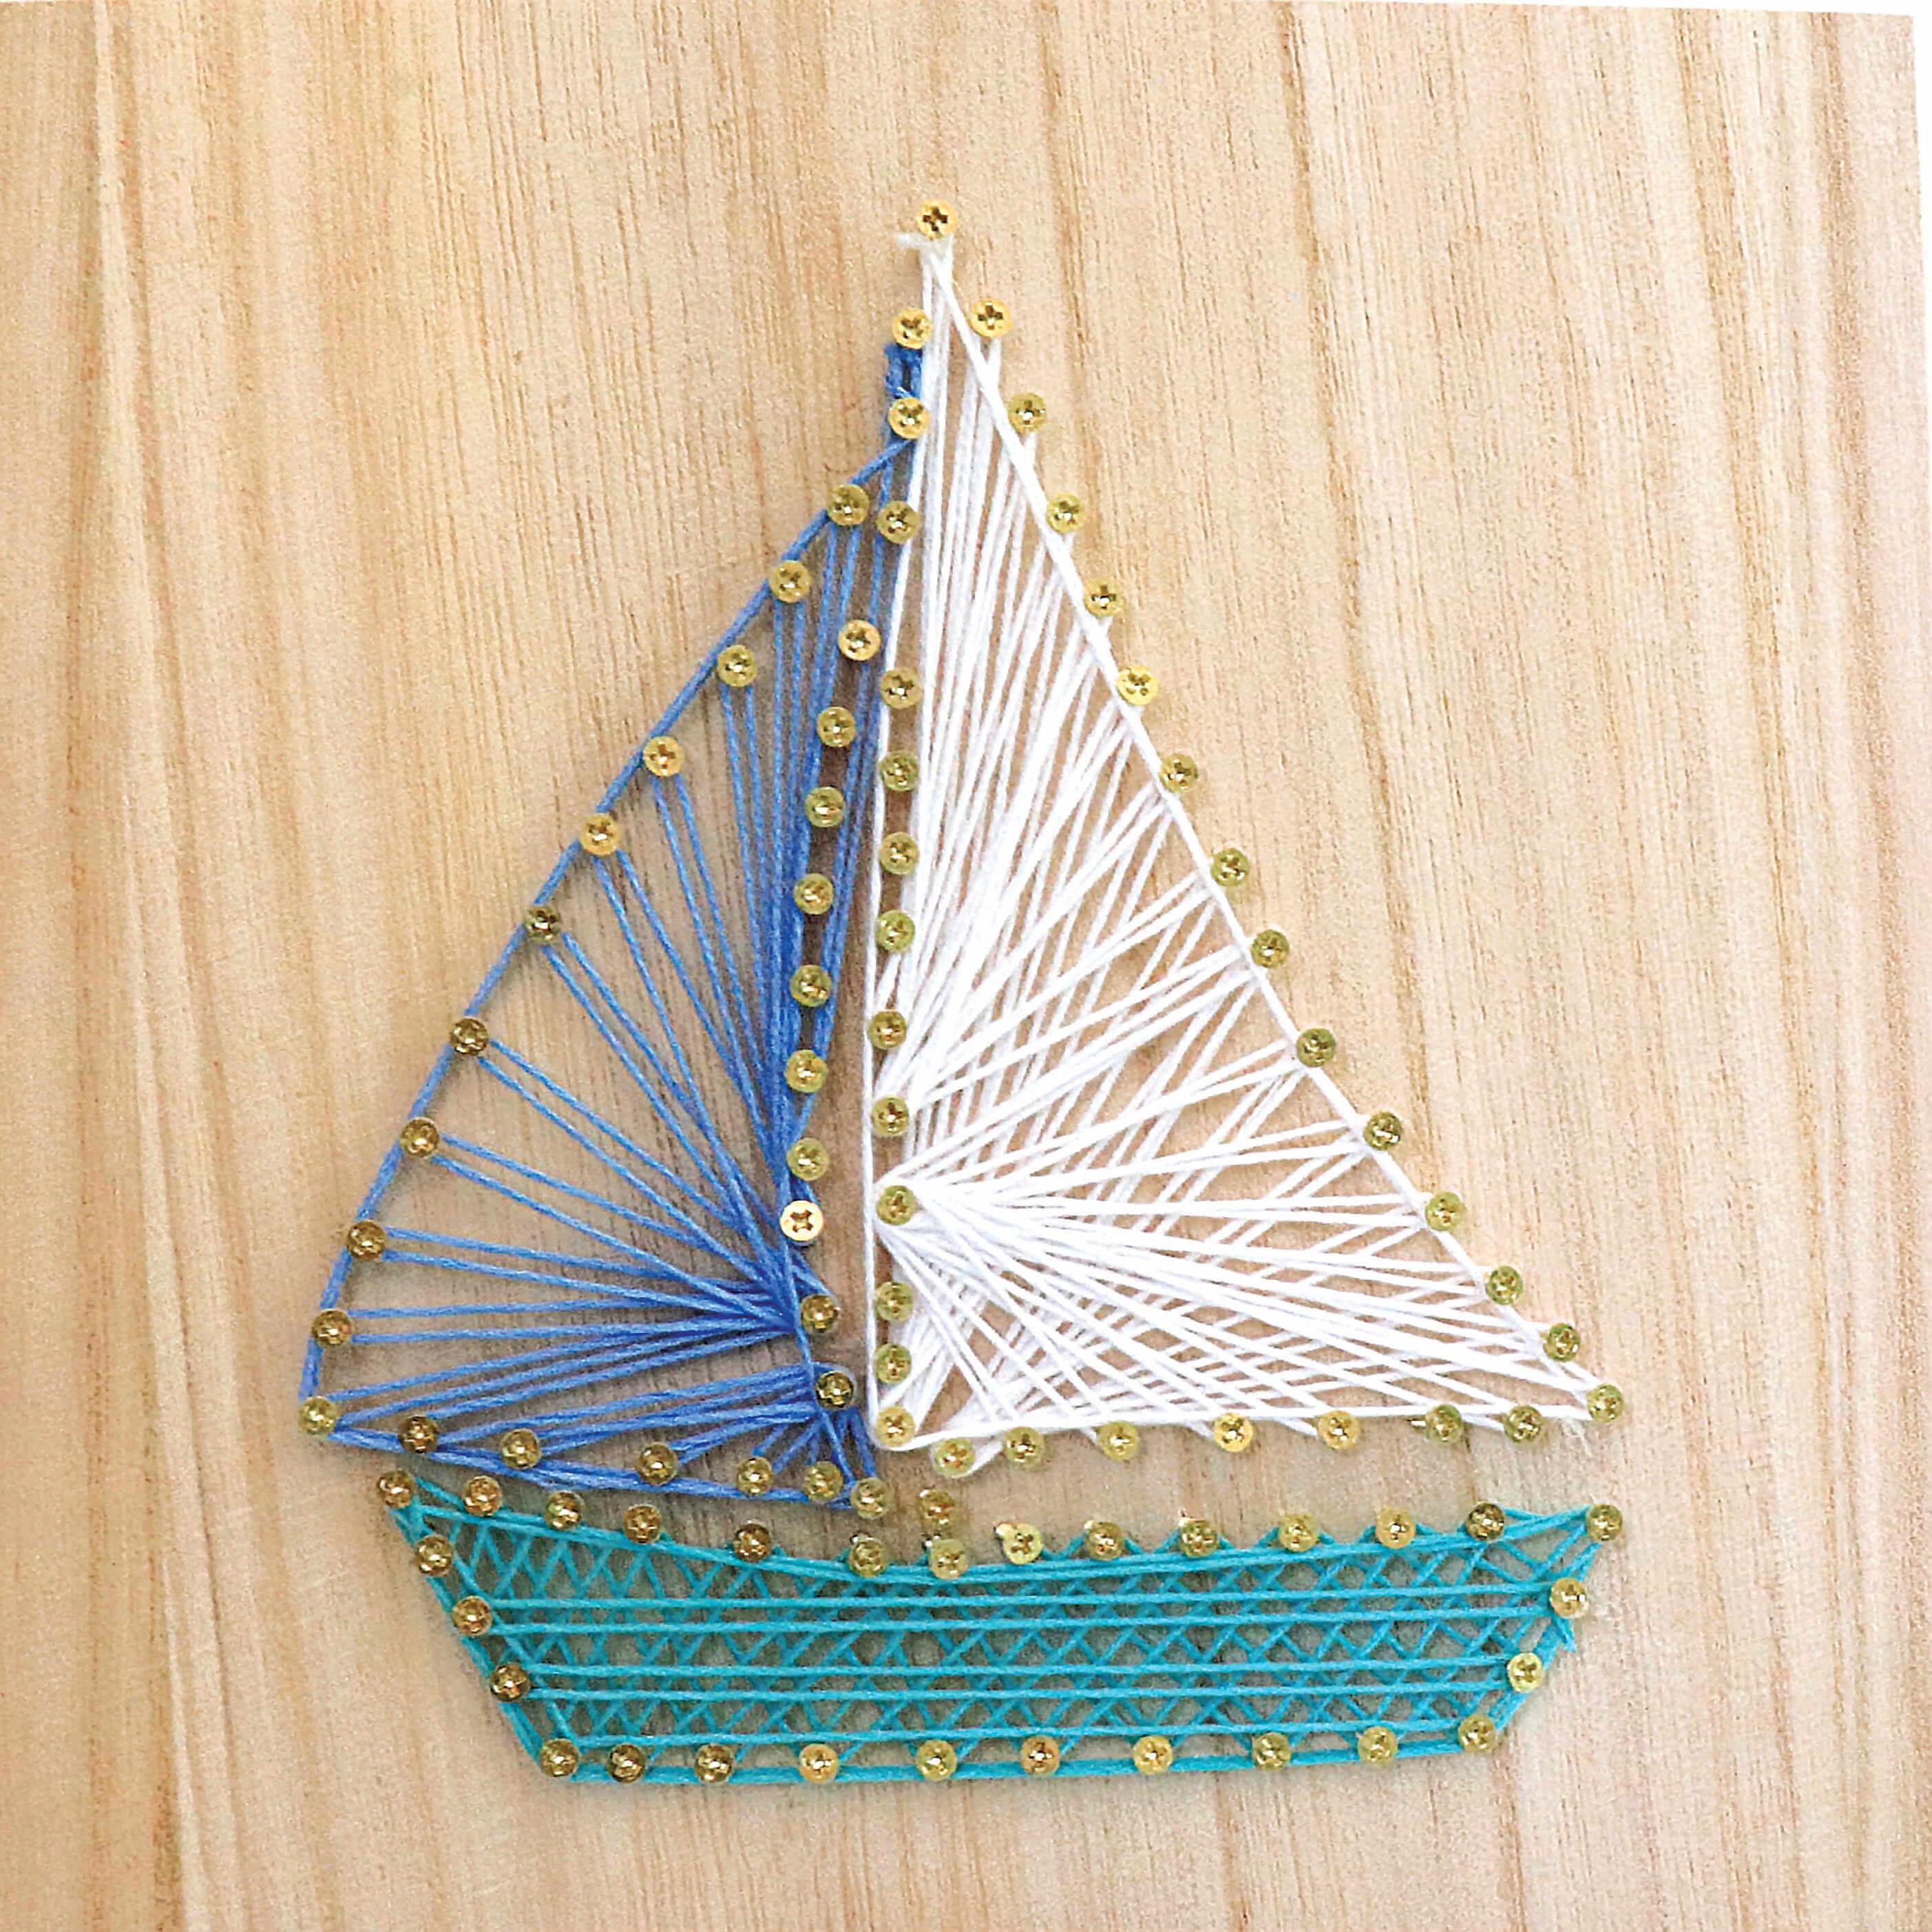 מברקיט - ספינת מפרש